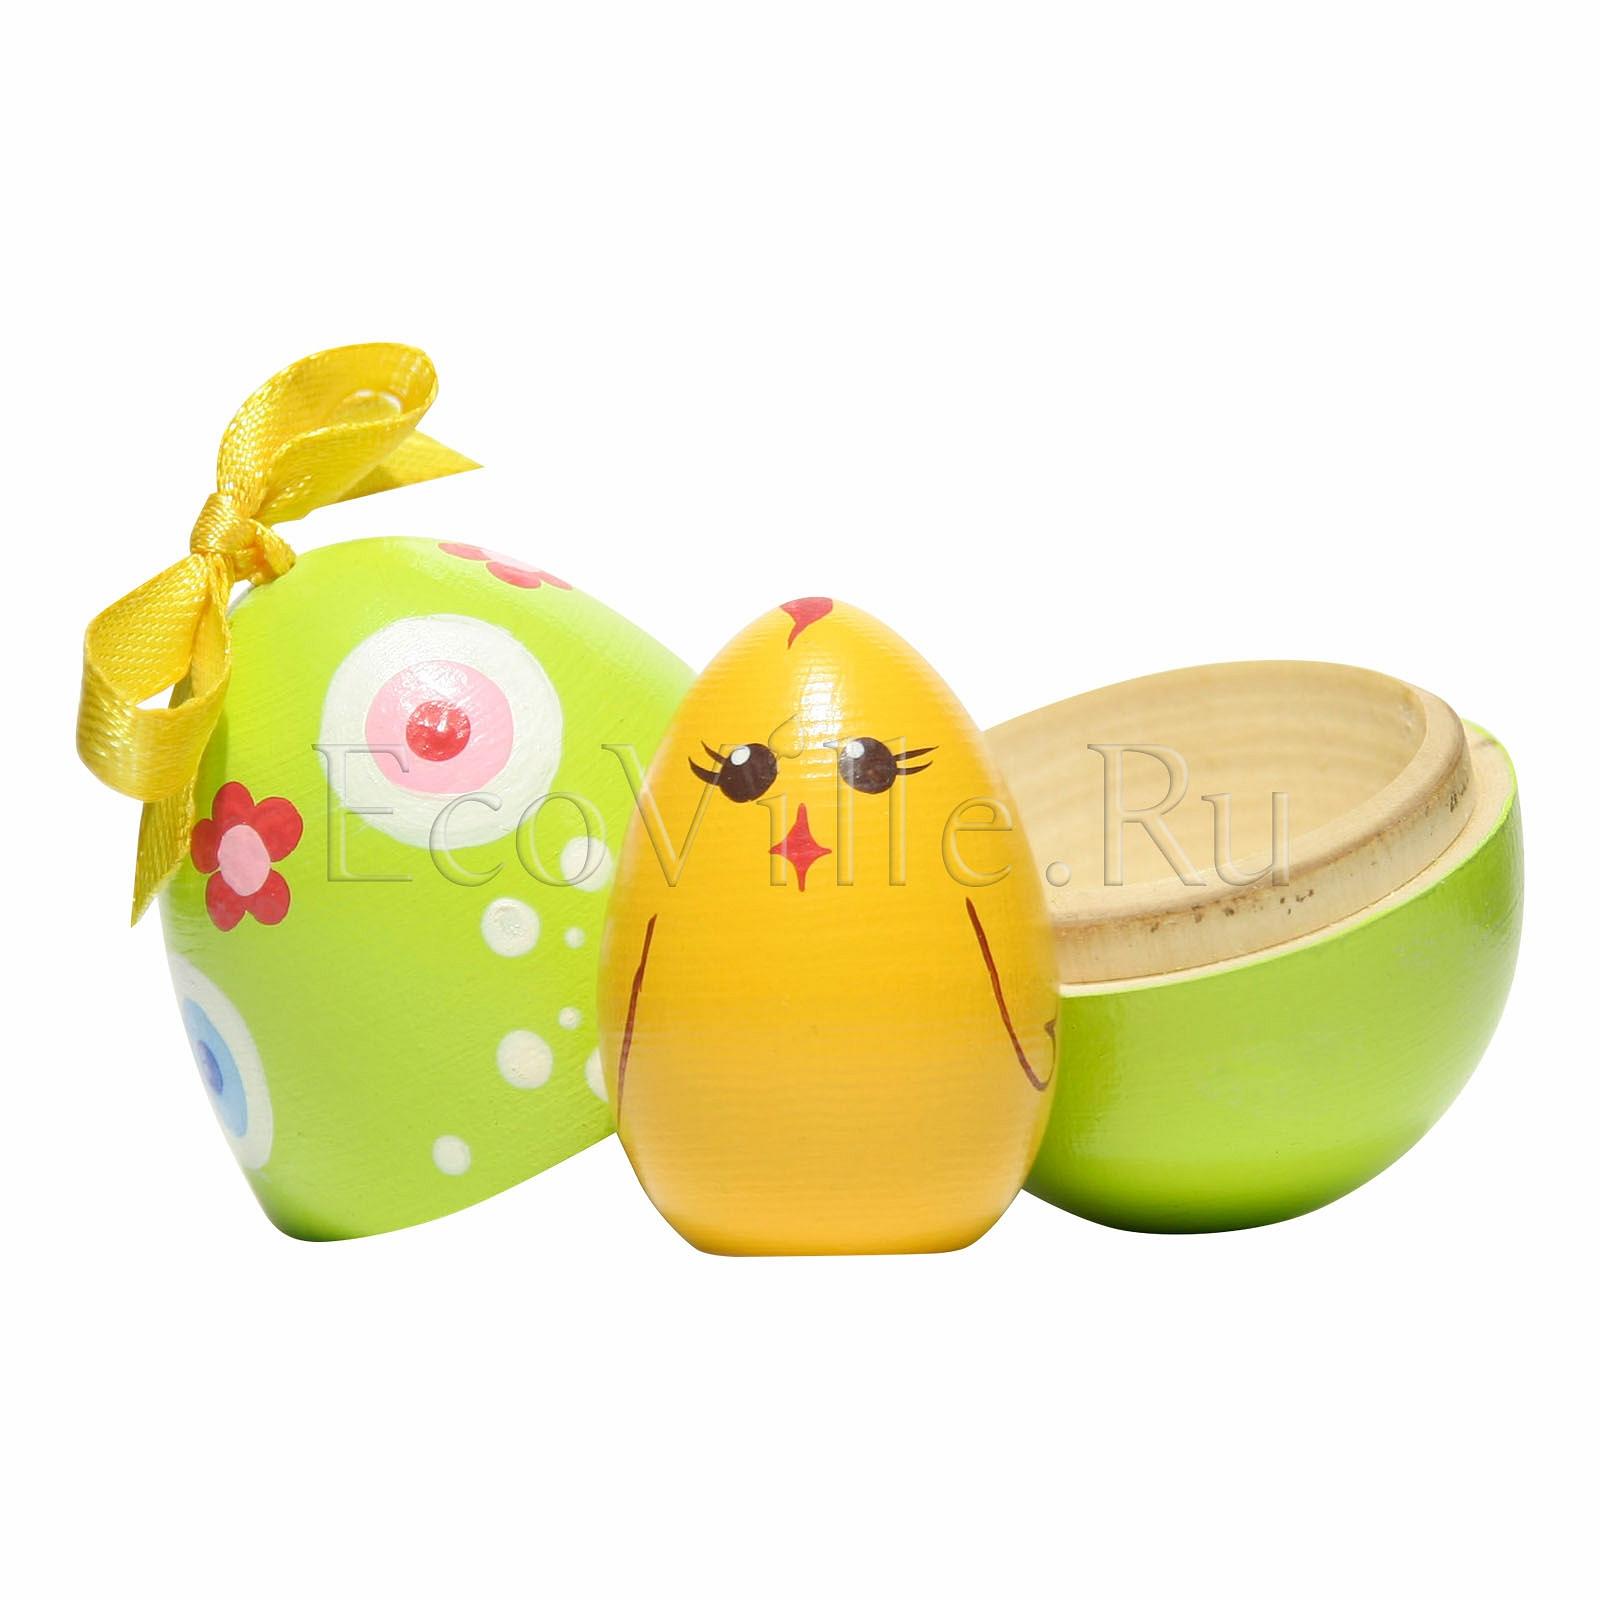 Яйцо с цыпленком Вальда в экомагазине EcoVille.Ru